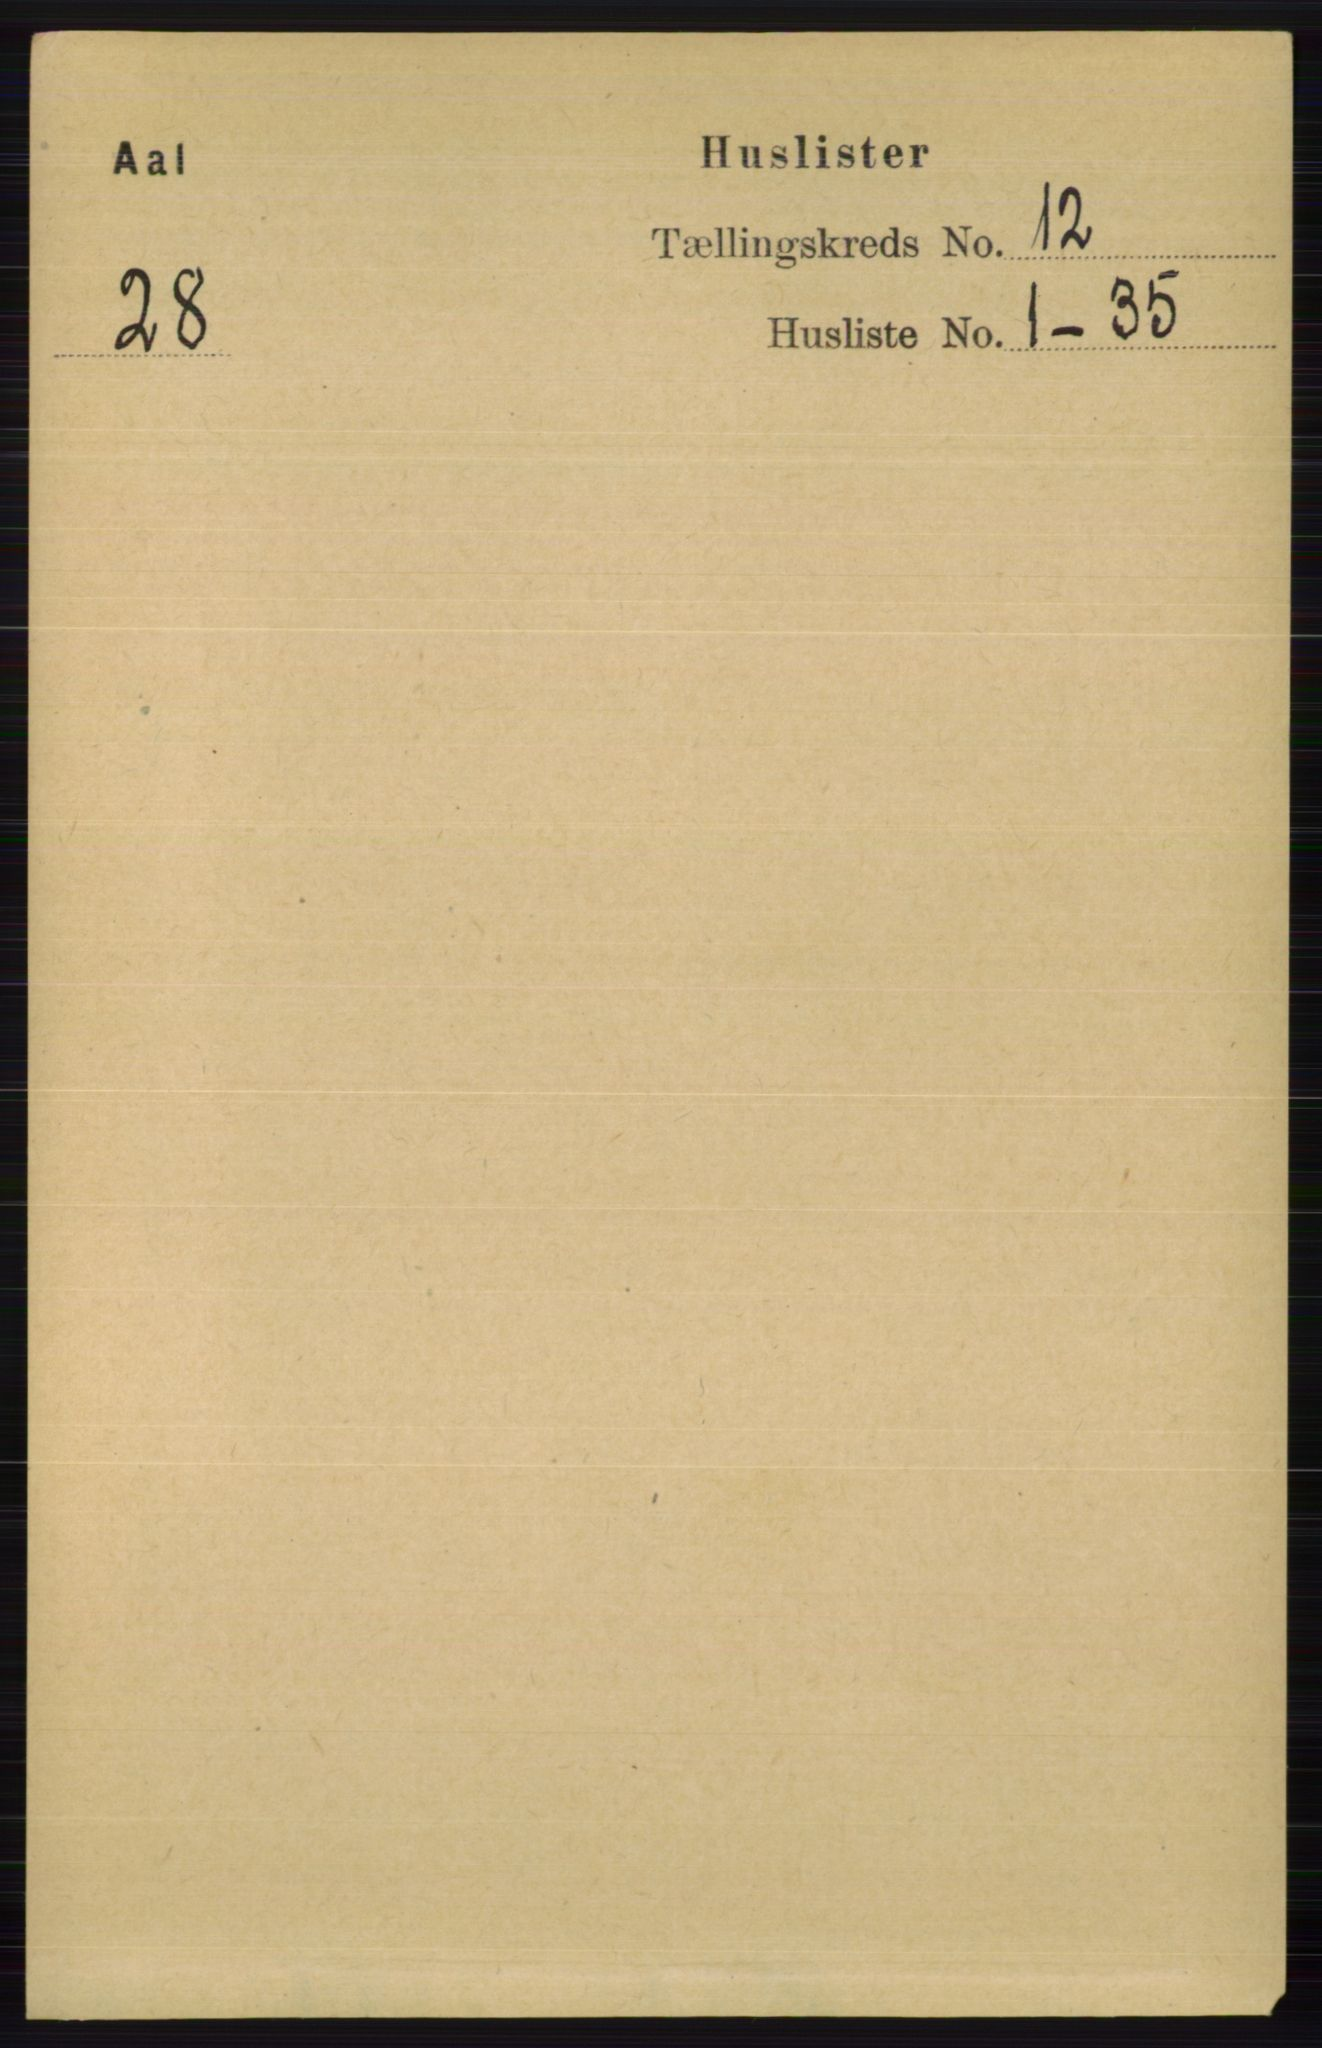 RA, Folketelling 1891 for 0619 Ål herred, 1891, s. 2969